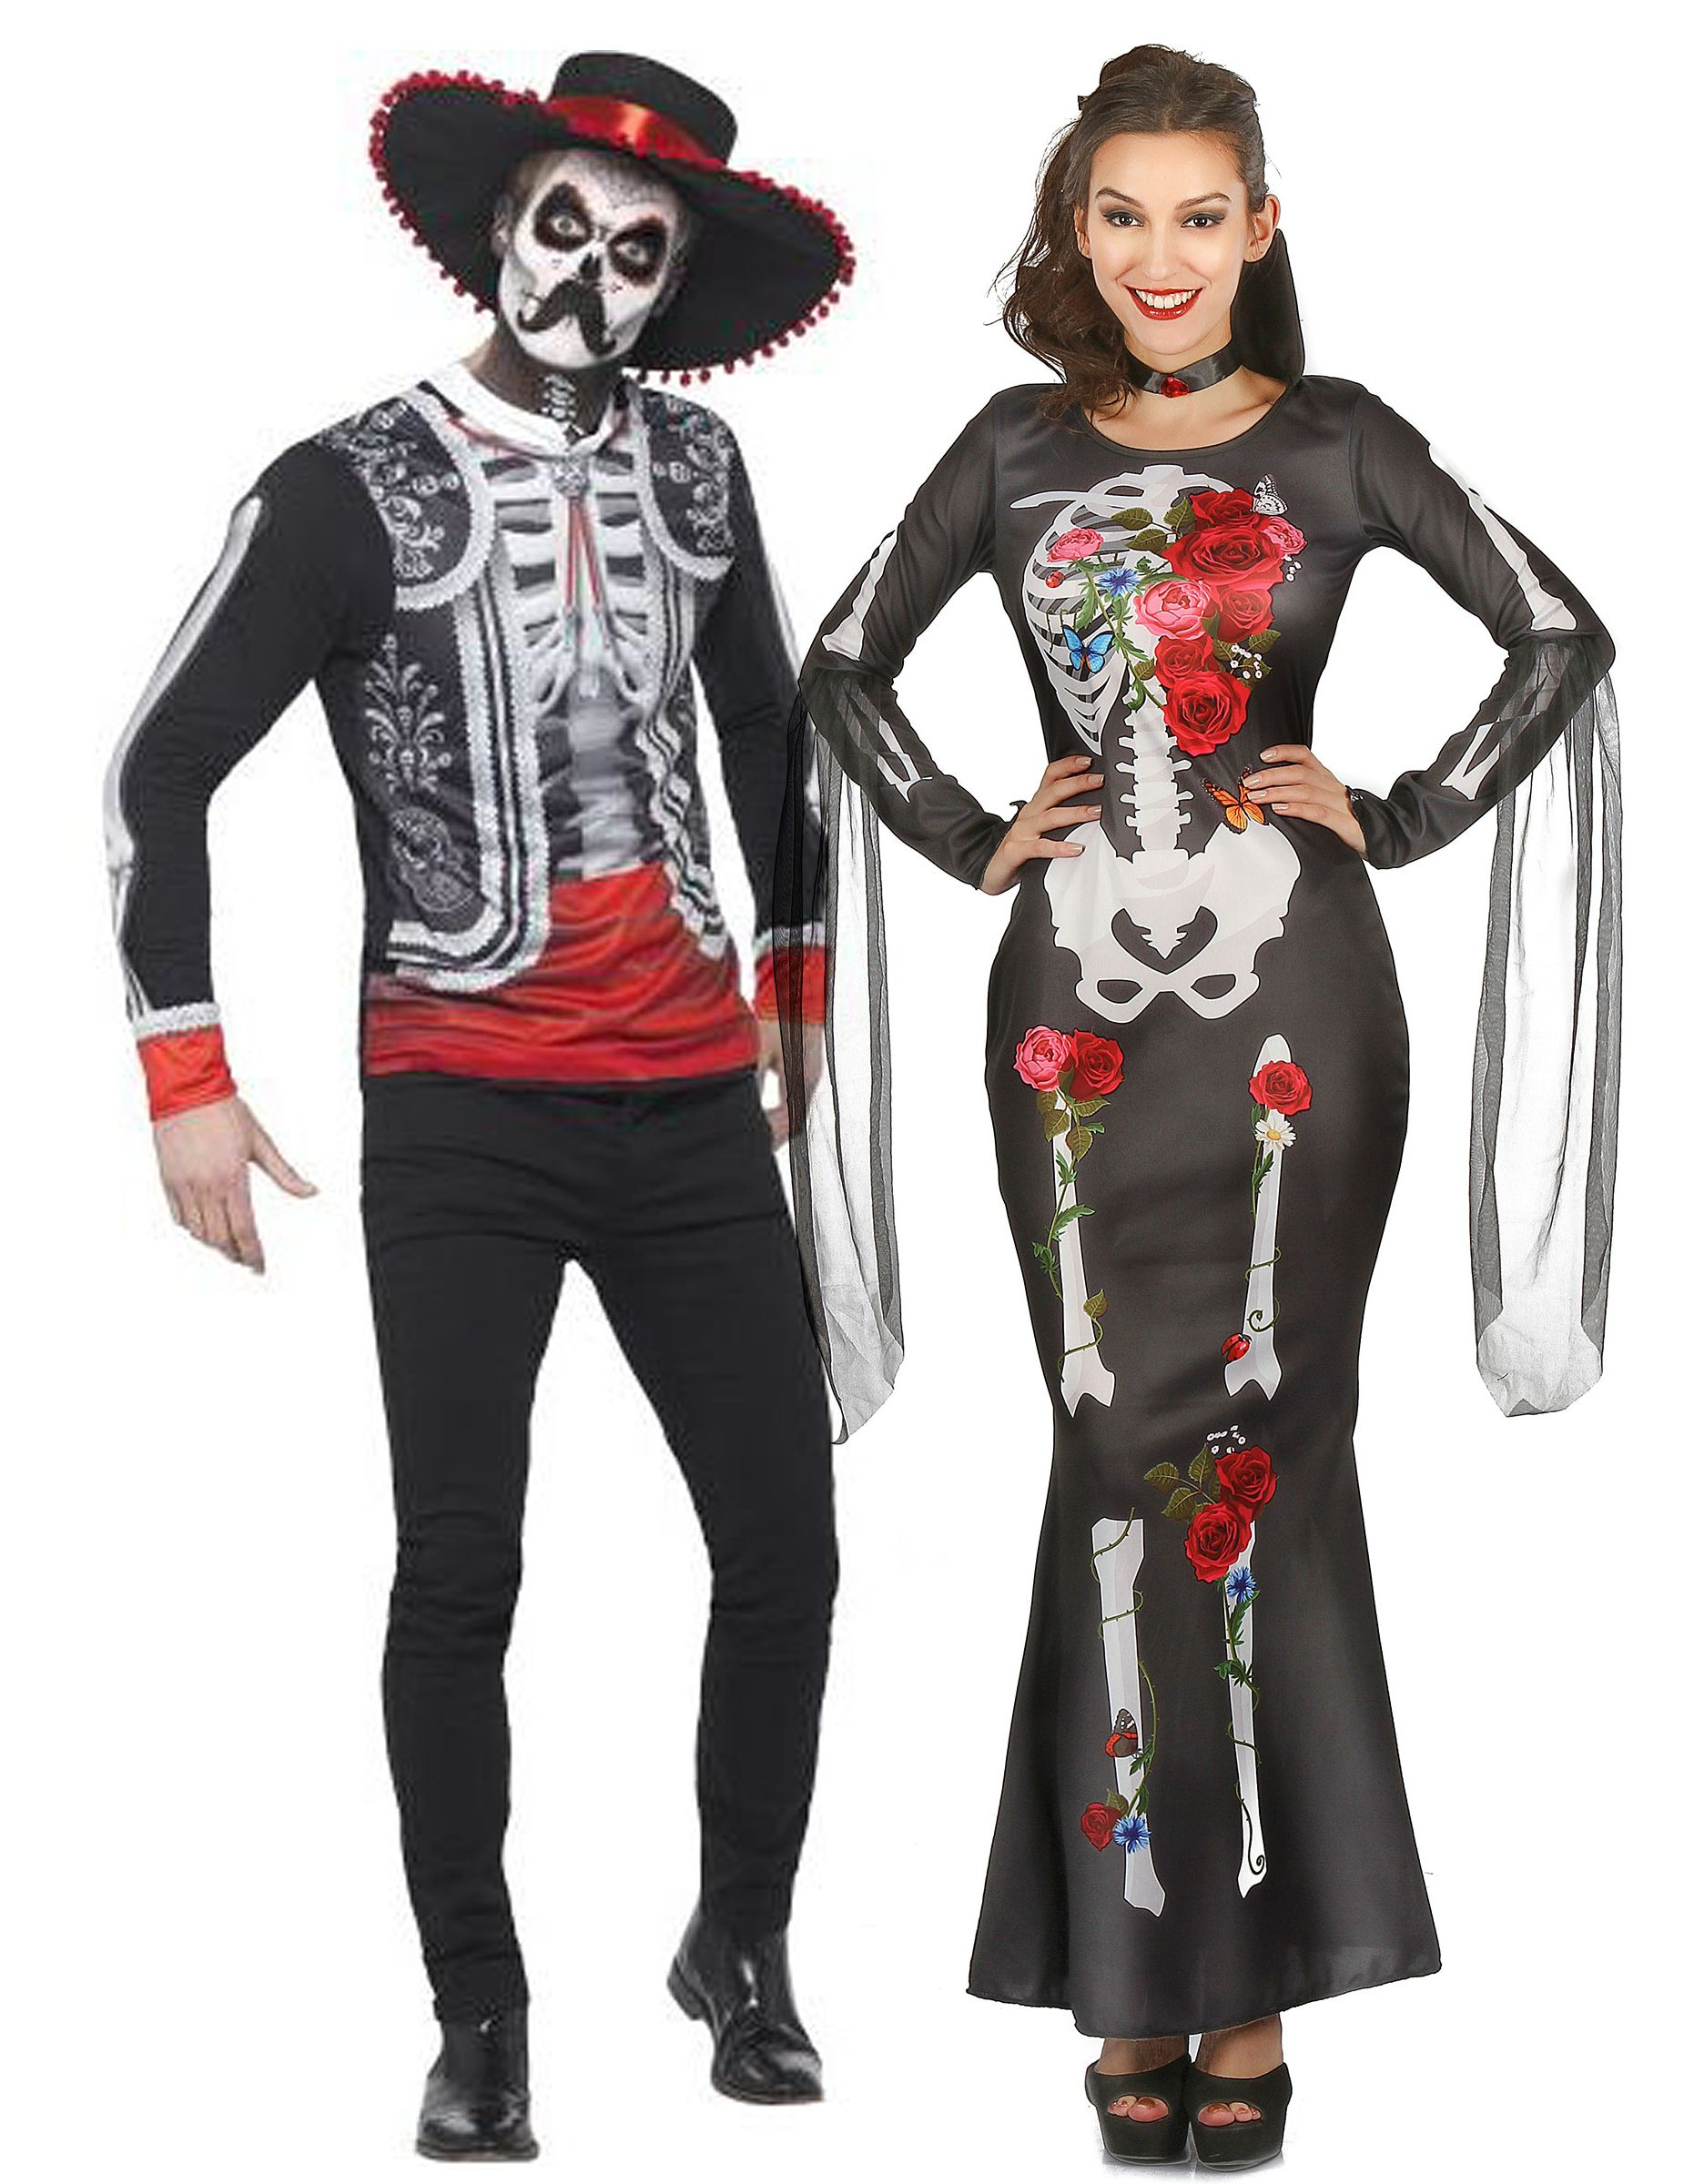 Costume di coppia di scheletri dia de los muertos per adulto  Il  travestimento dia de ab1fc373cd4